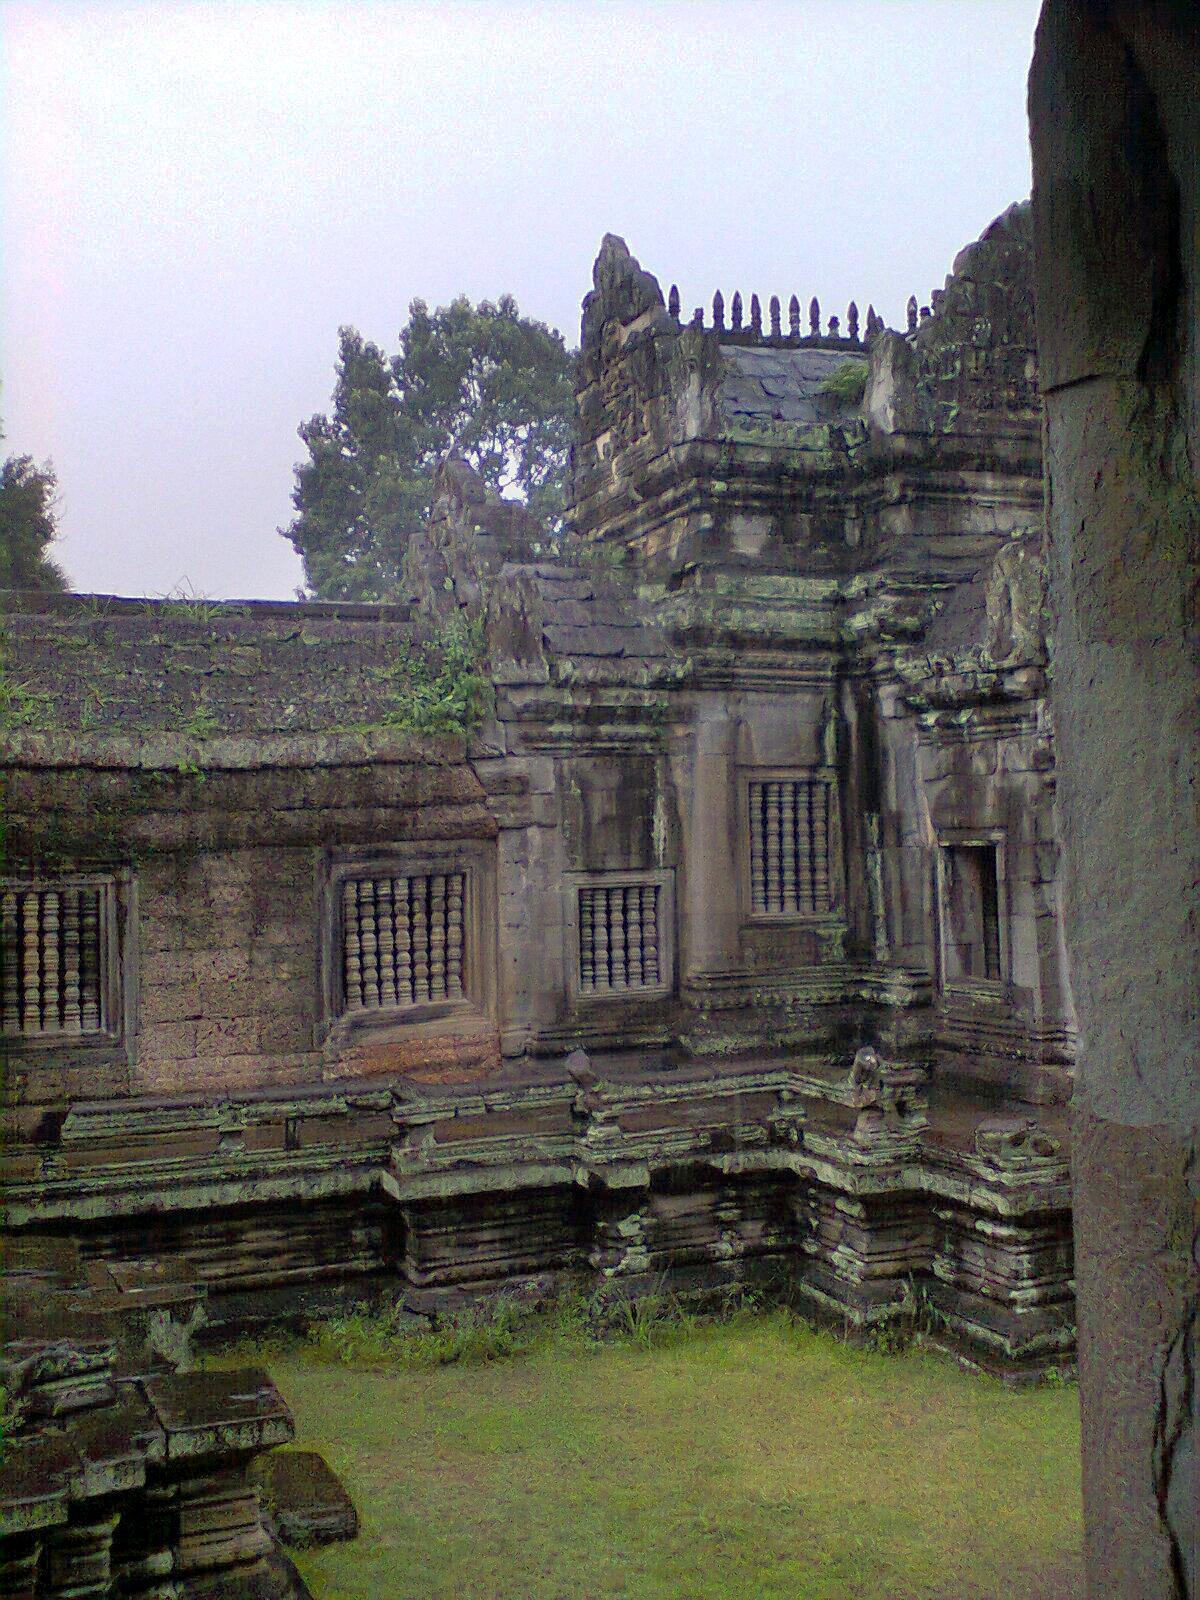 Llueve y nos refuigiamos en el templo de Bayon en el complejo de Nagkor